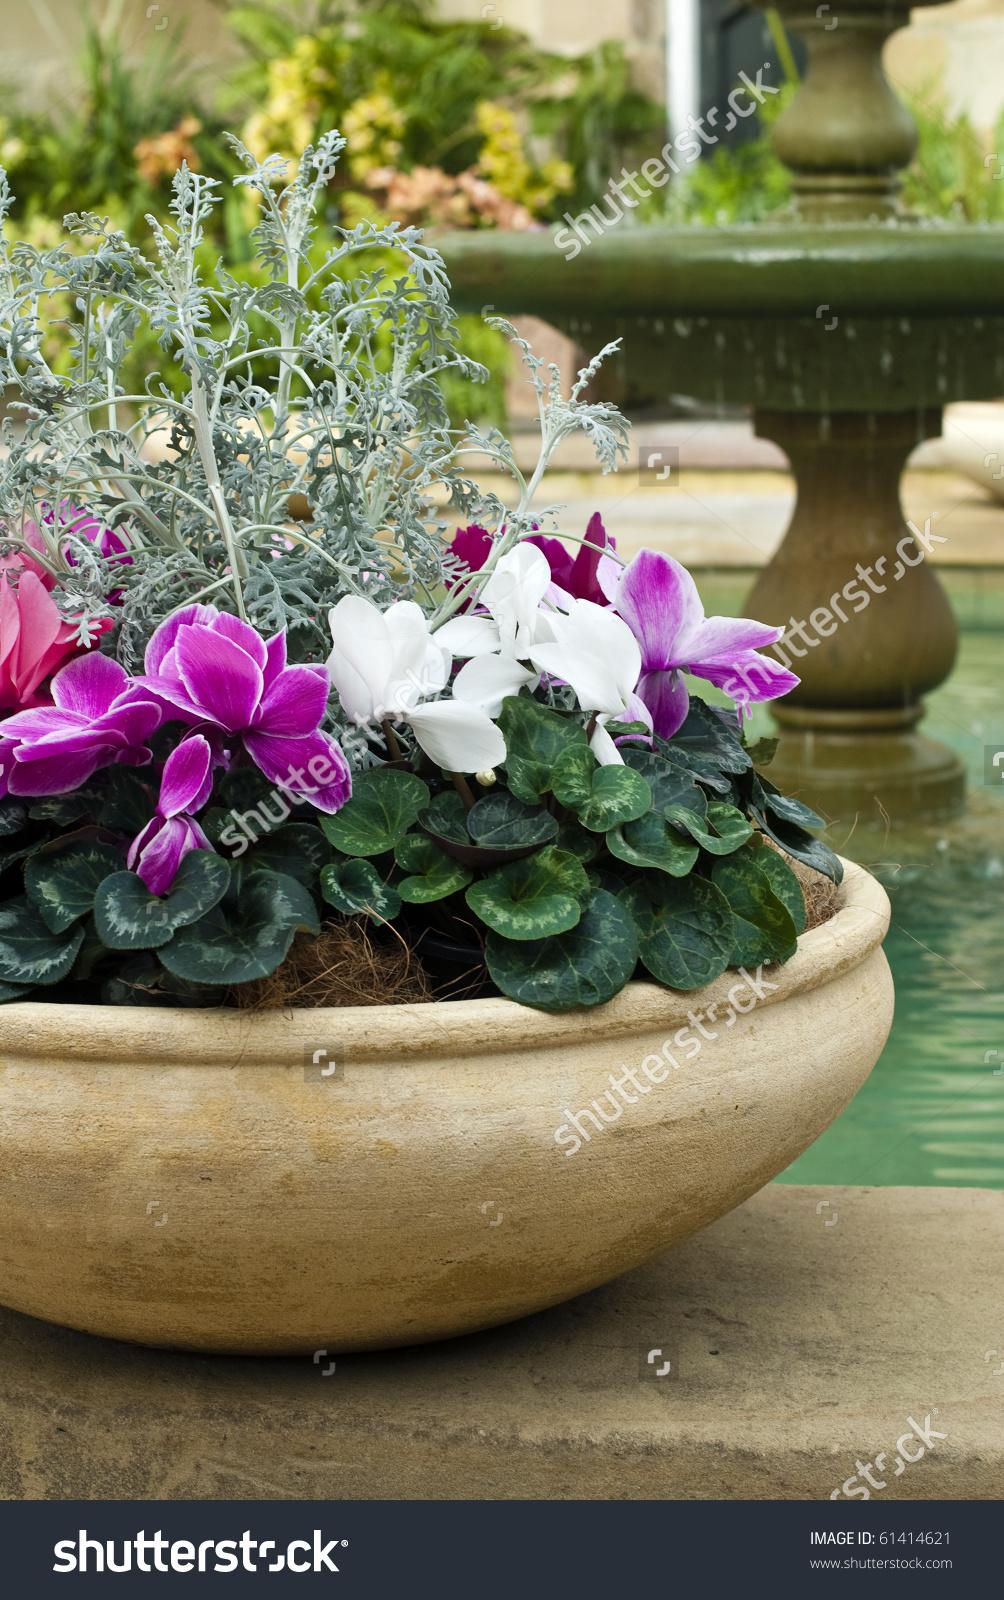 Cyclamen Pot Fountain Garden Room Stock Photo 61414621.